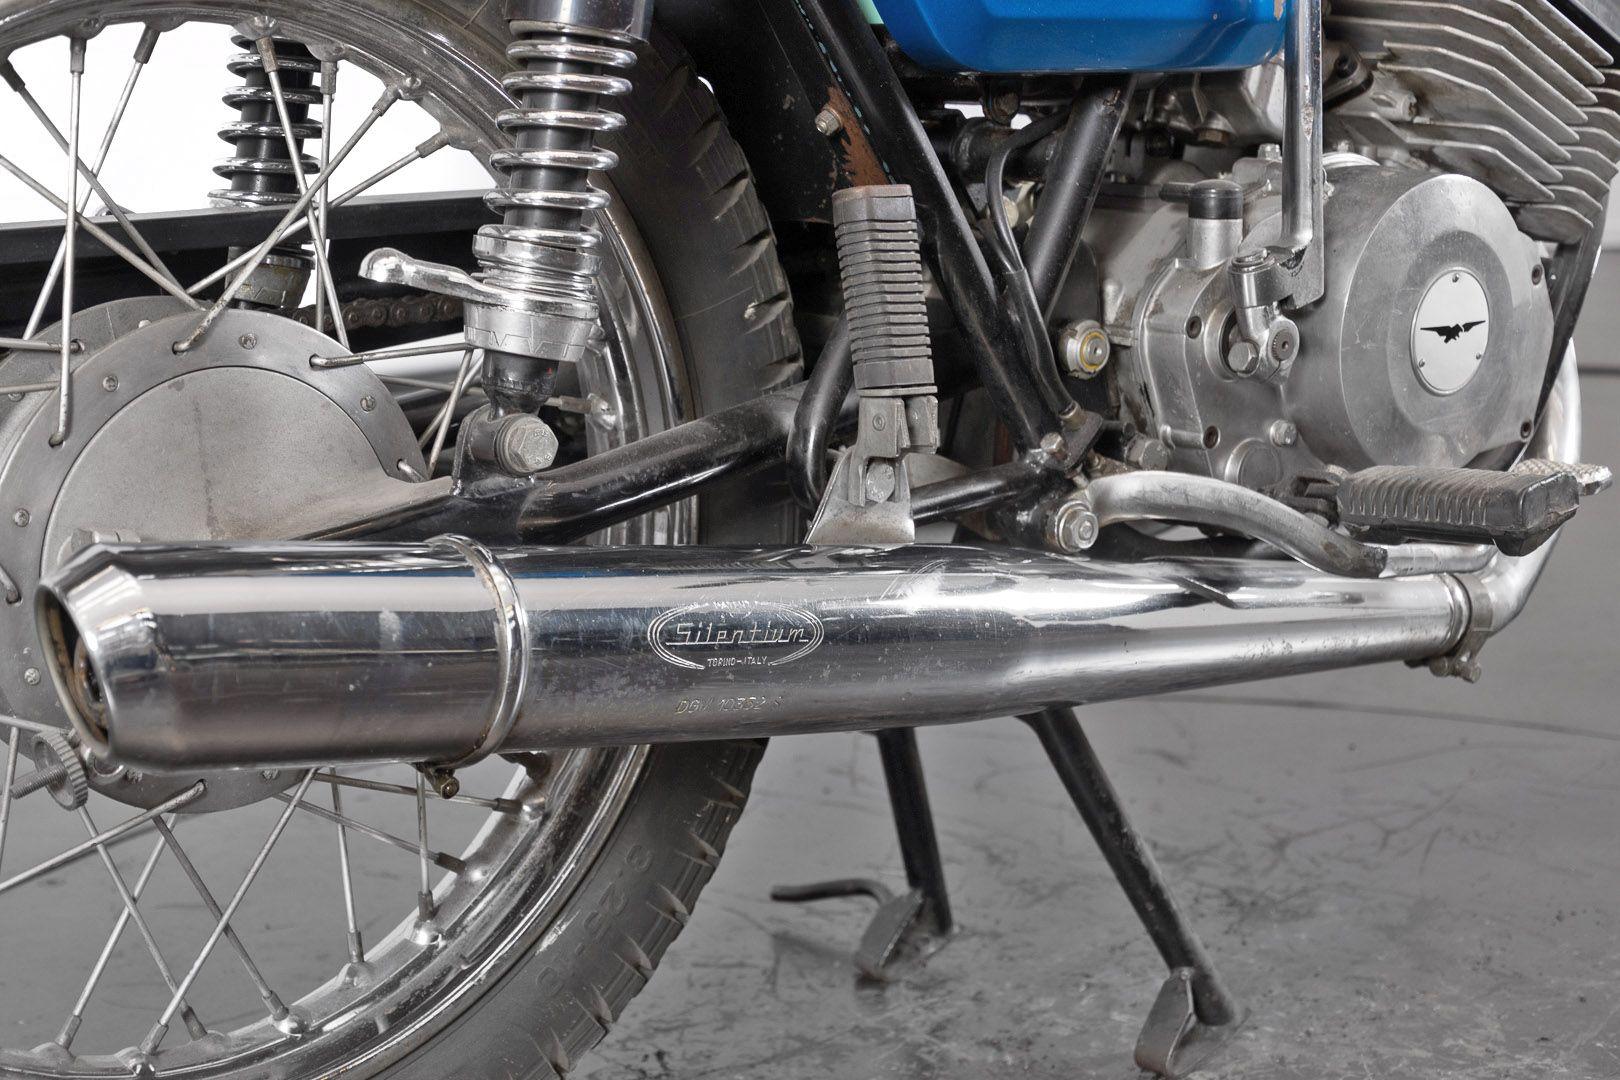 1976 Moto Guzzi 250 2C 2T 74673